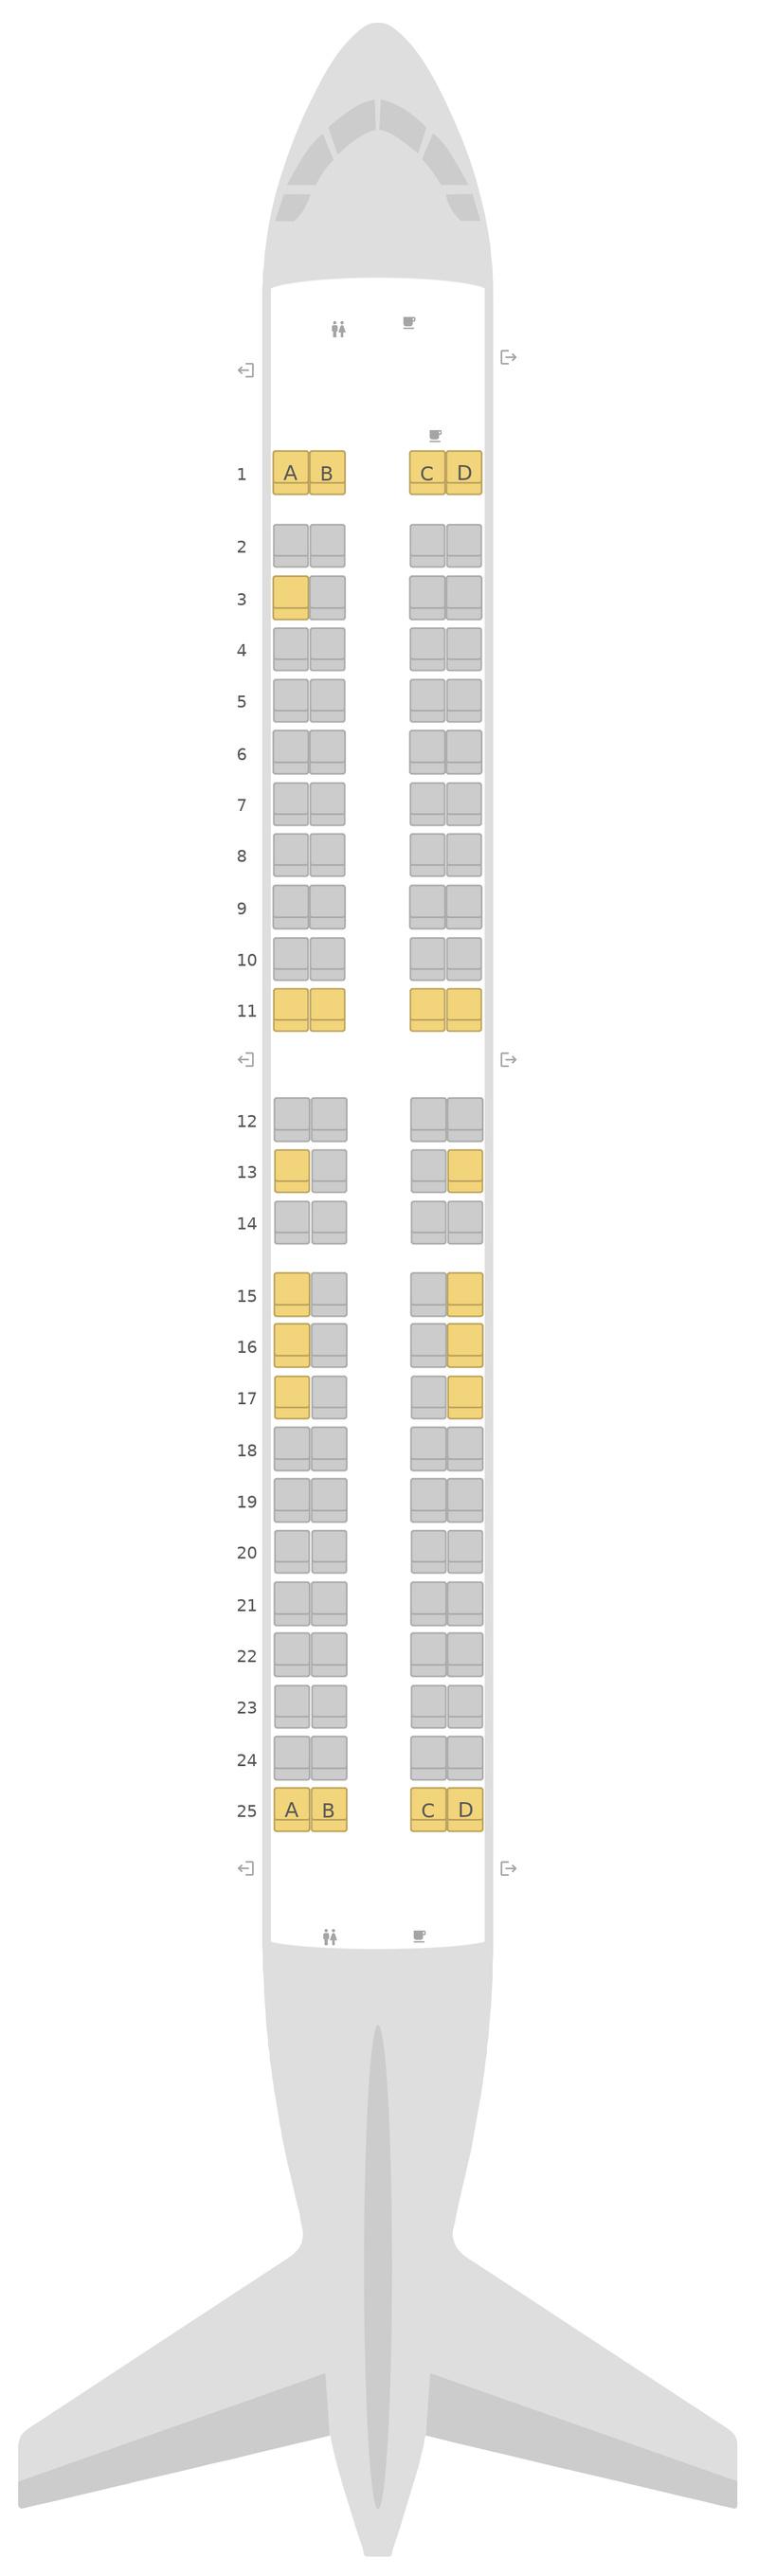 Sitzplan Embraer E190 (E90) jetBlue Airways